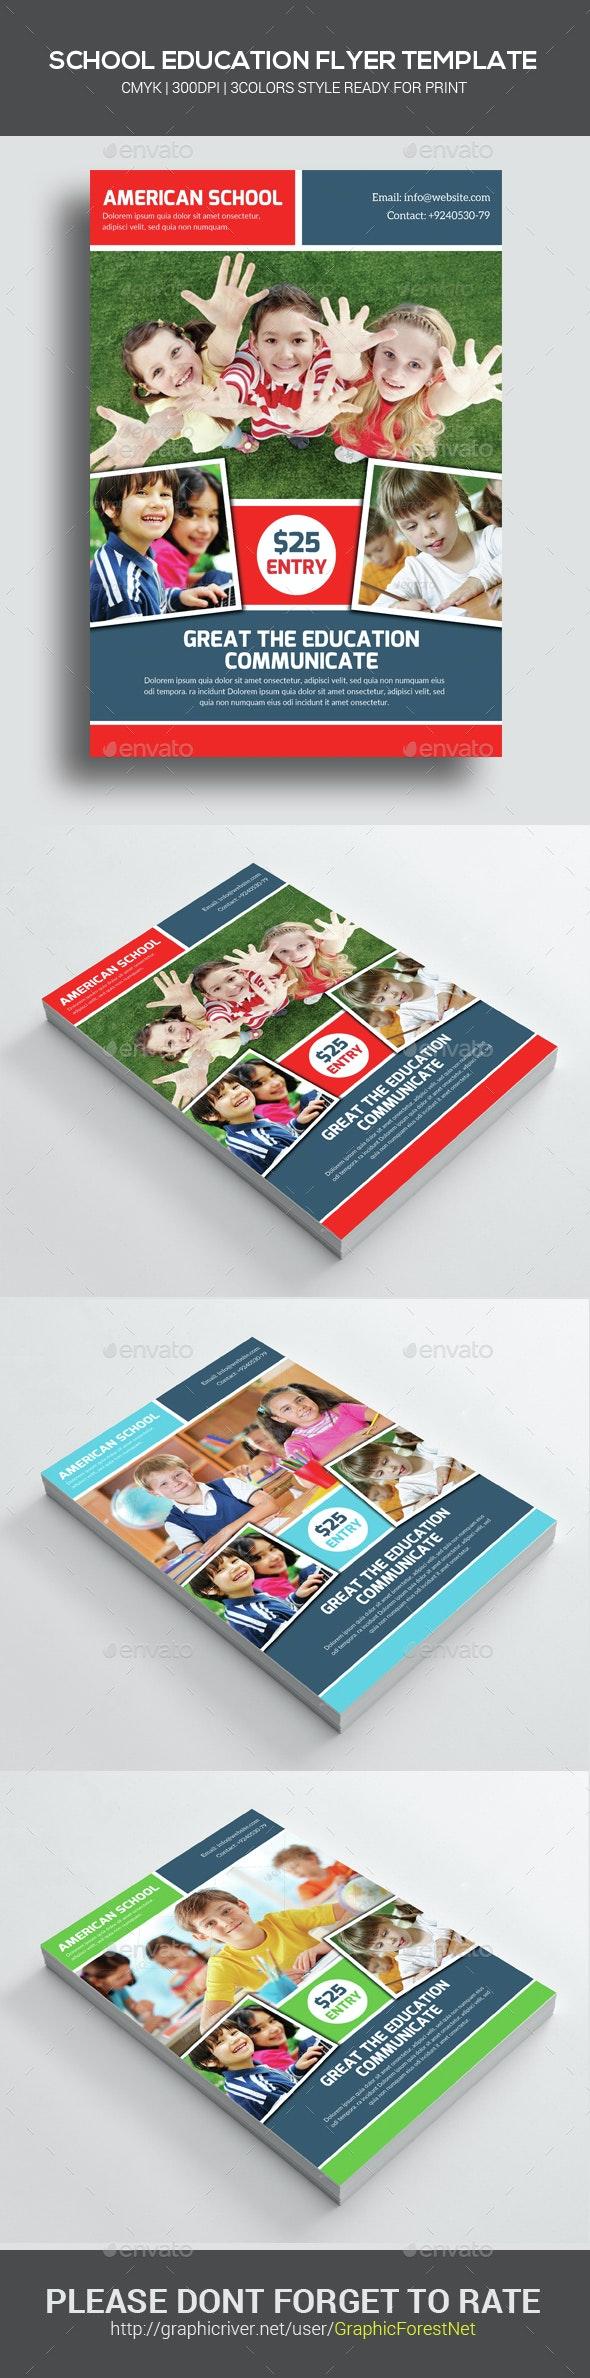 Kids School Education Flyer Template - Corporate Flyers